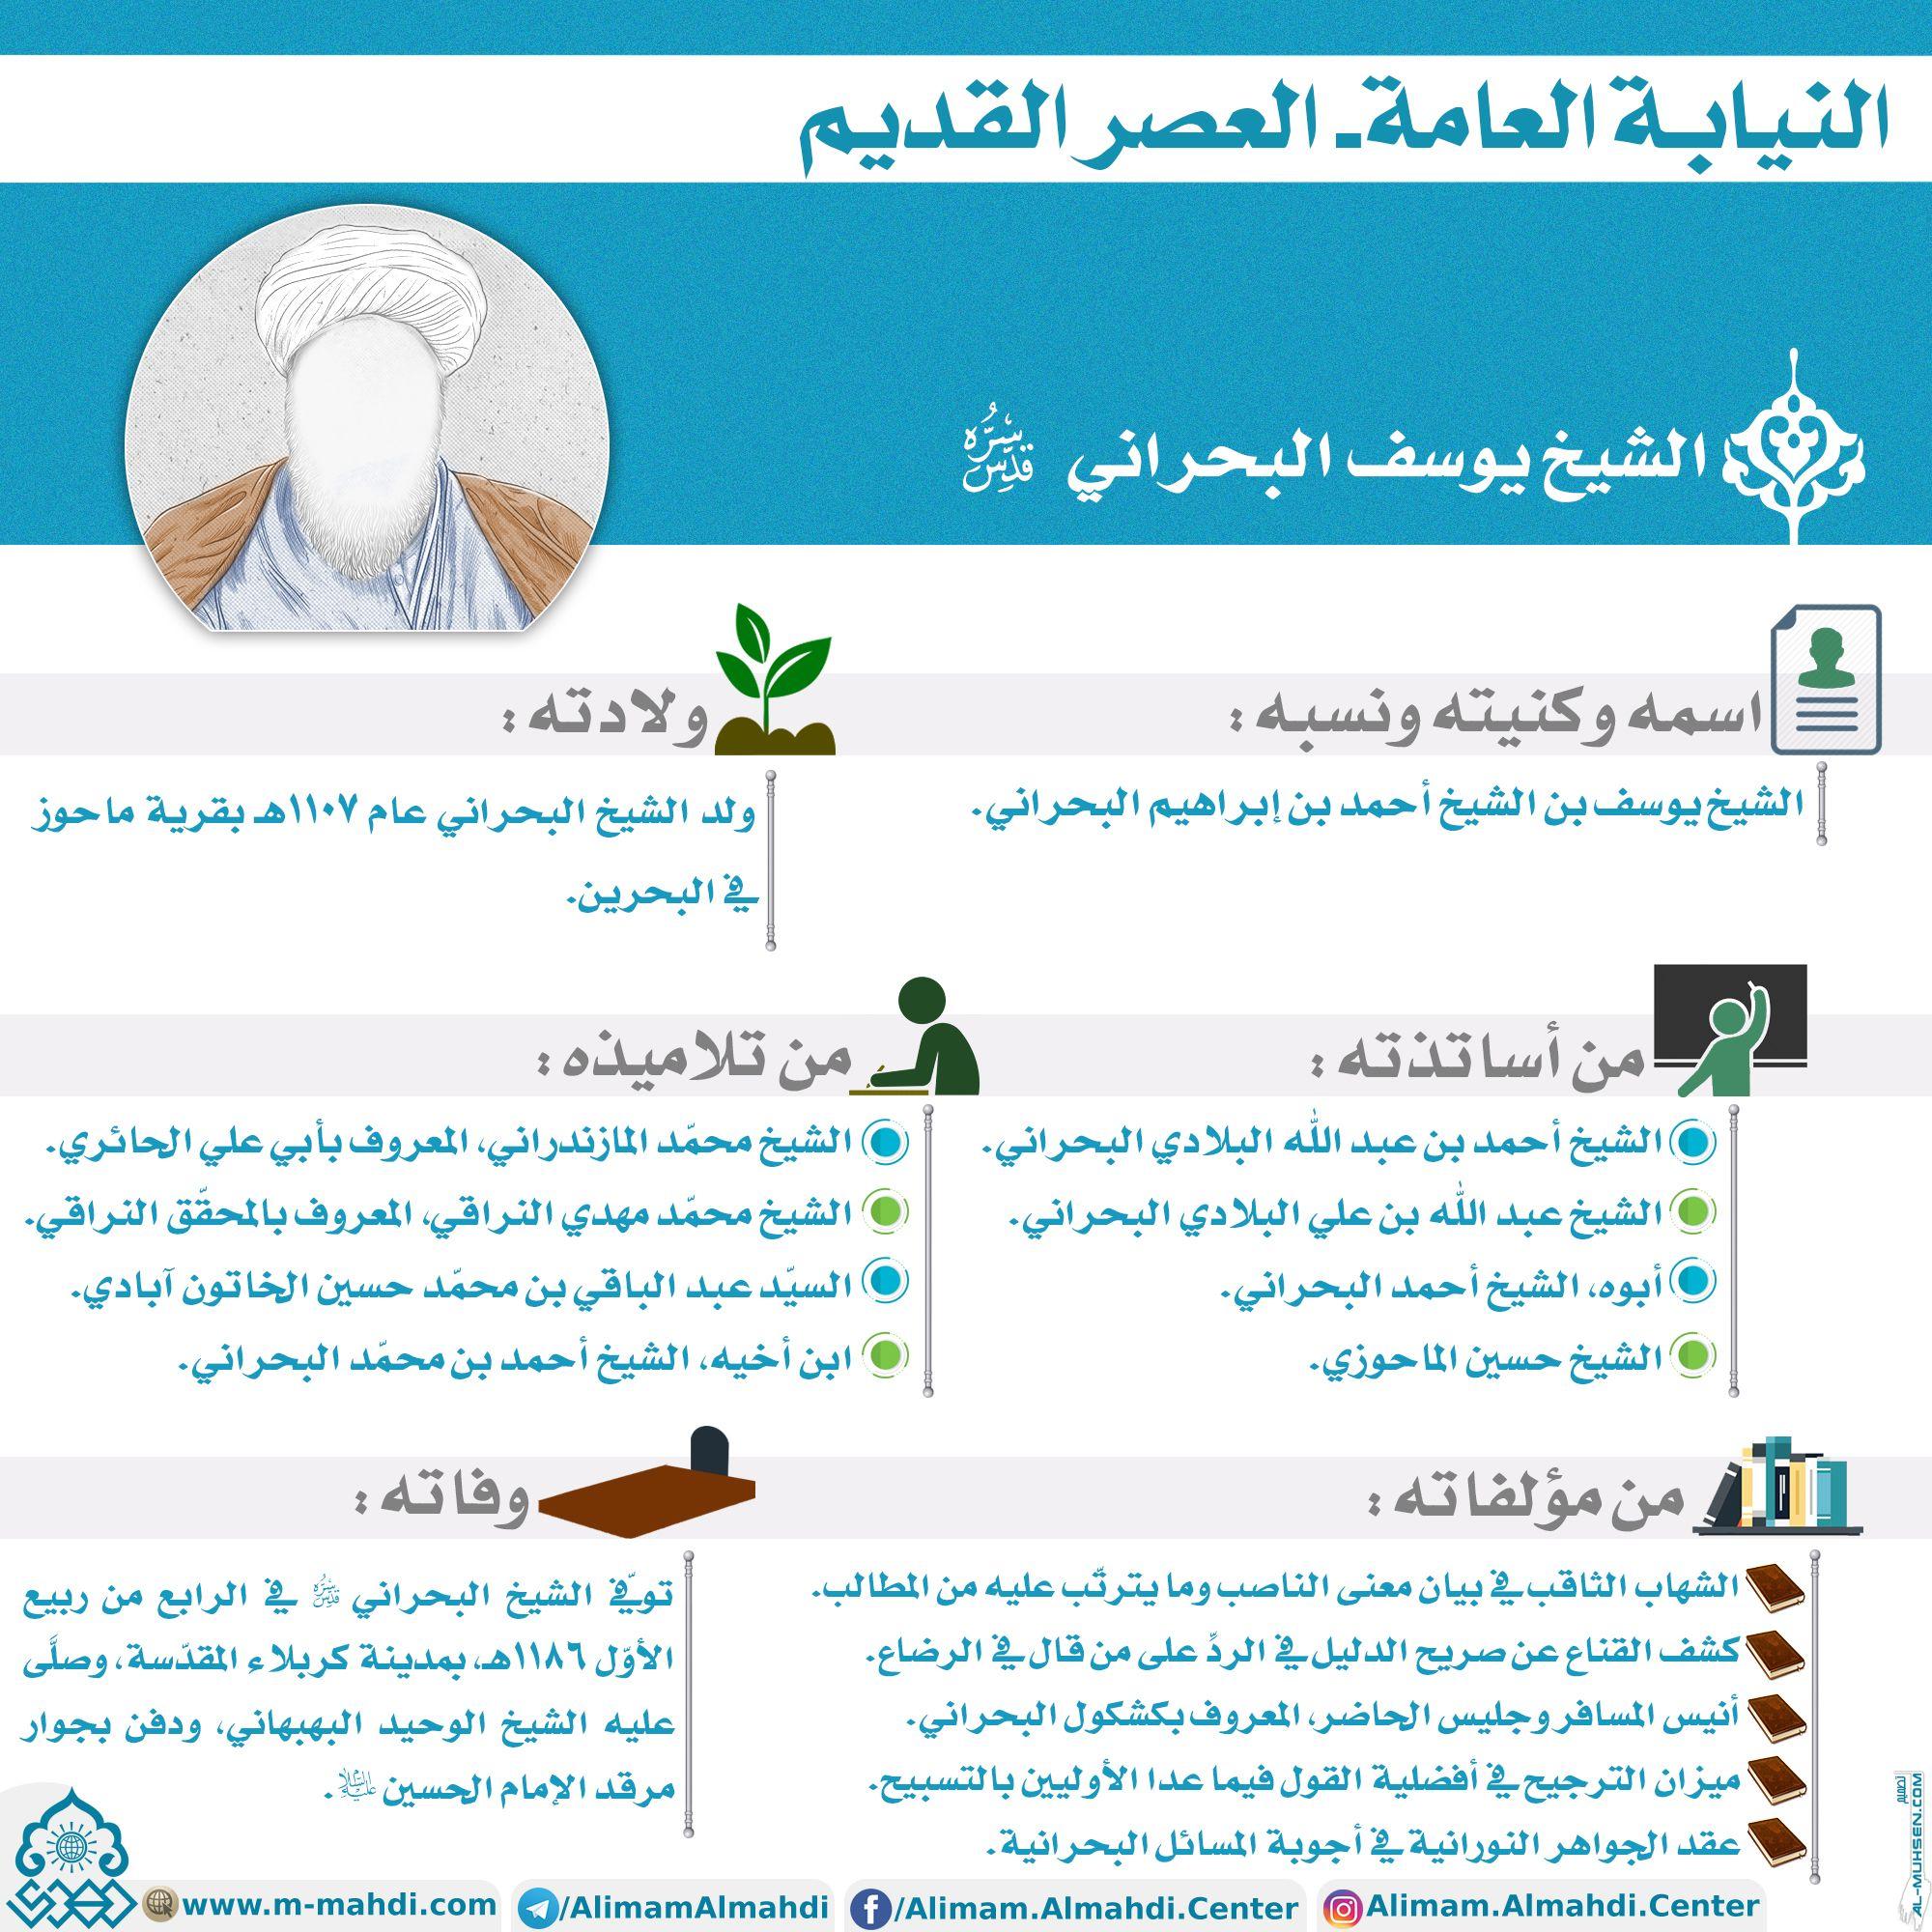 الشيخ يوسف البحراني قدس سره Islam Scholar